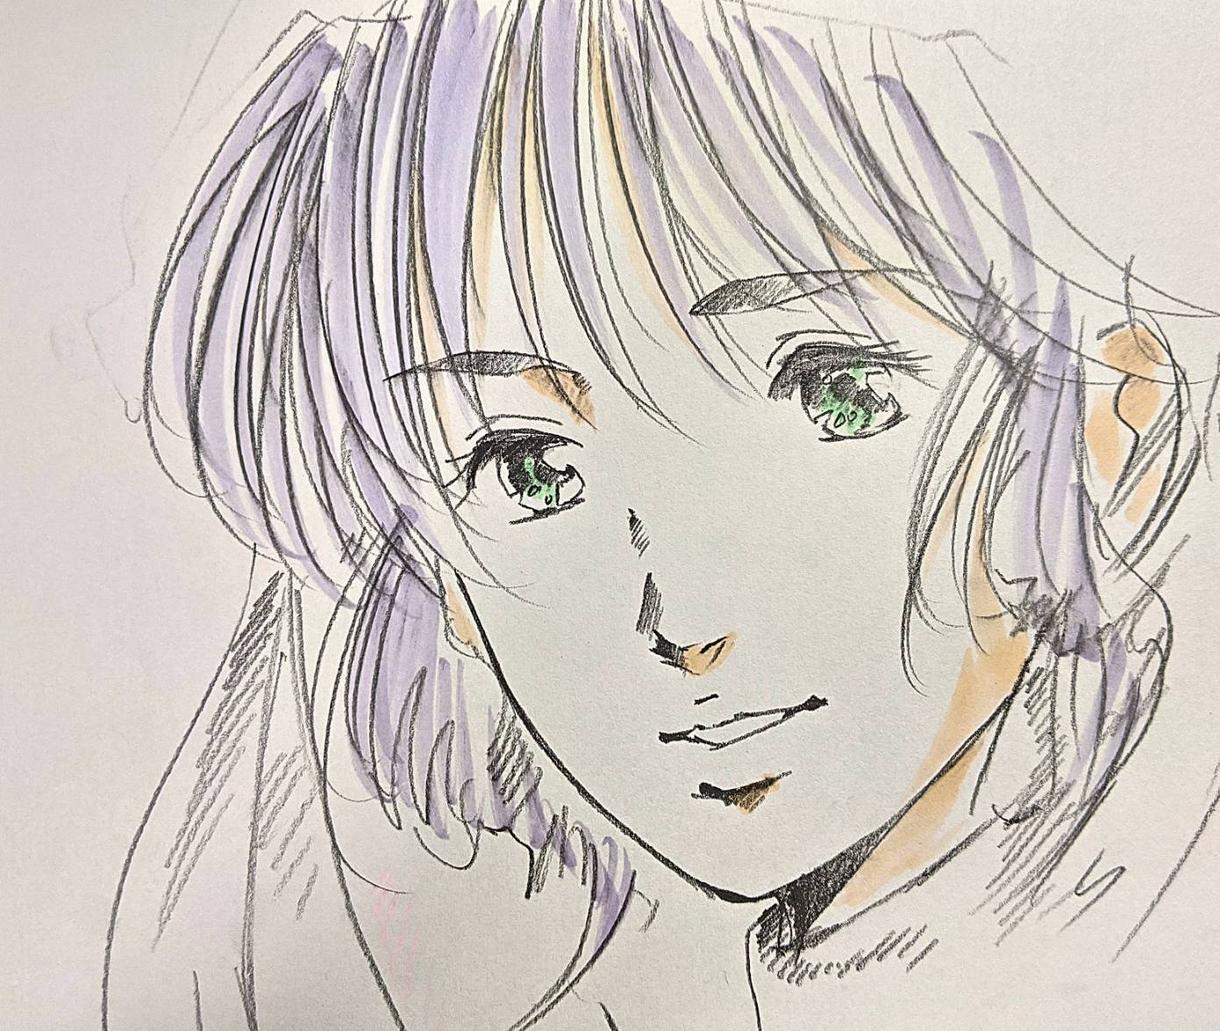 鉛筆画描きます 挿絵などに。サンプルのようなやさしいタッチの鉛筆画描きます。 イメージ1